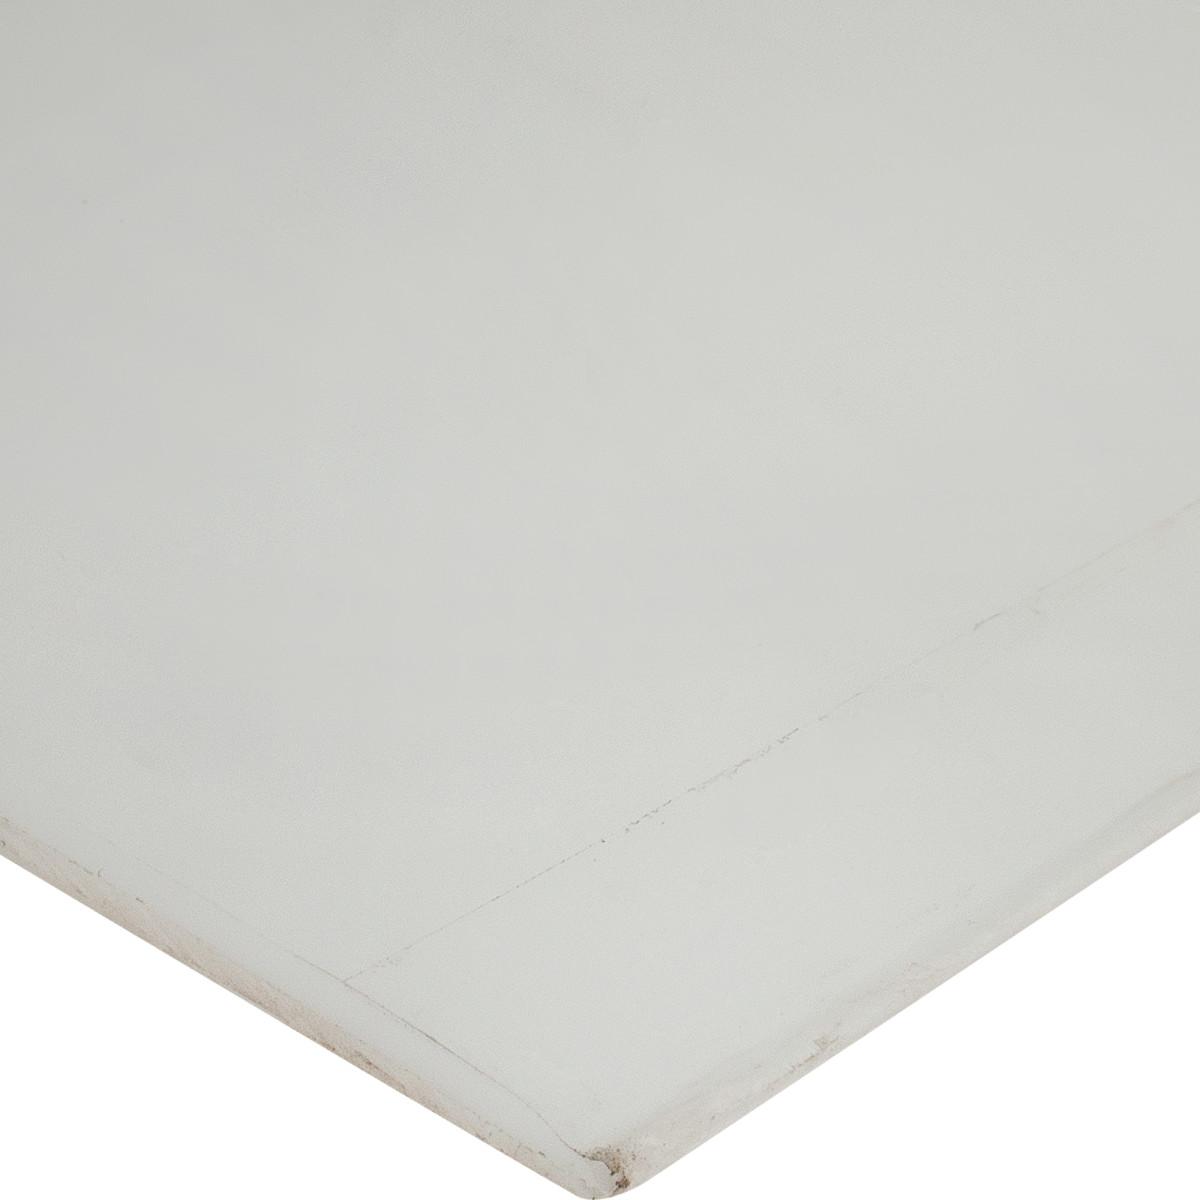 Поликарбонат монолитный 3 мм 2.05х3.05 м цвет молочный